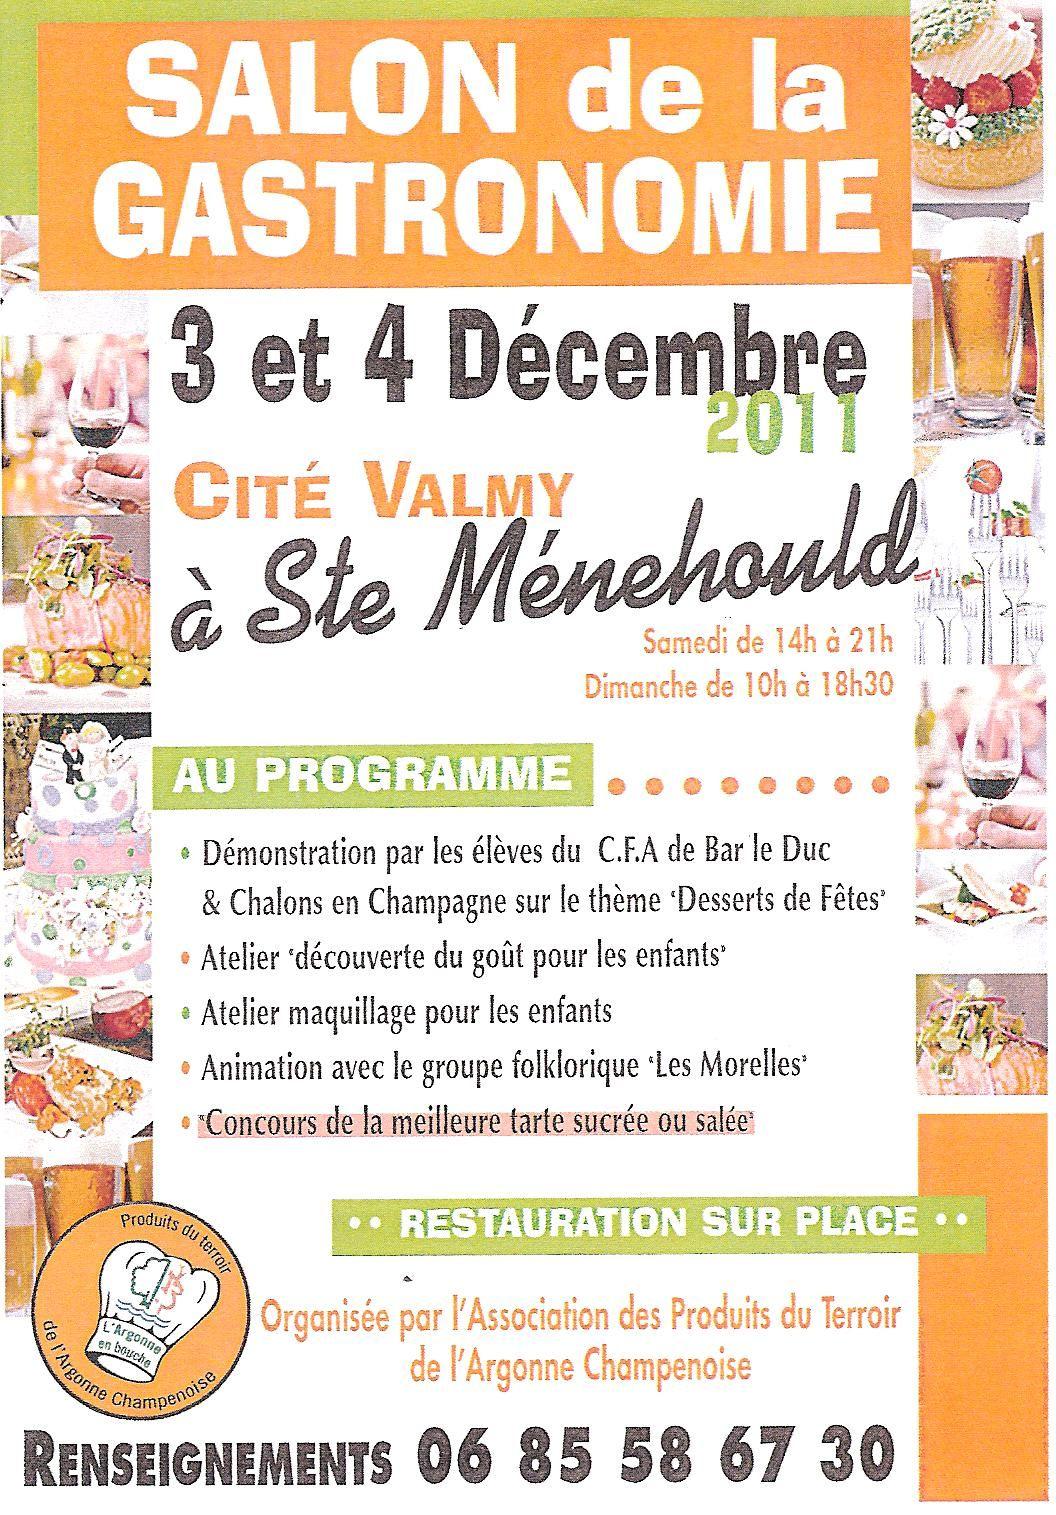 Salon de la gastronomie for Le salon de la gastronomie